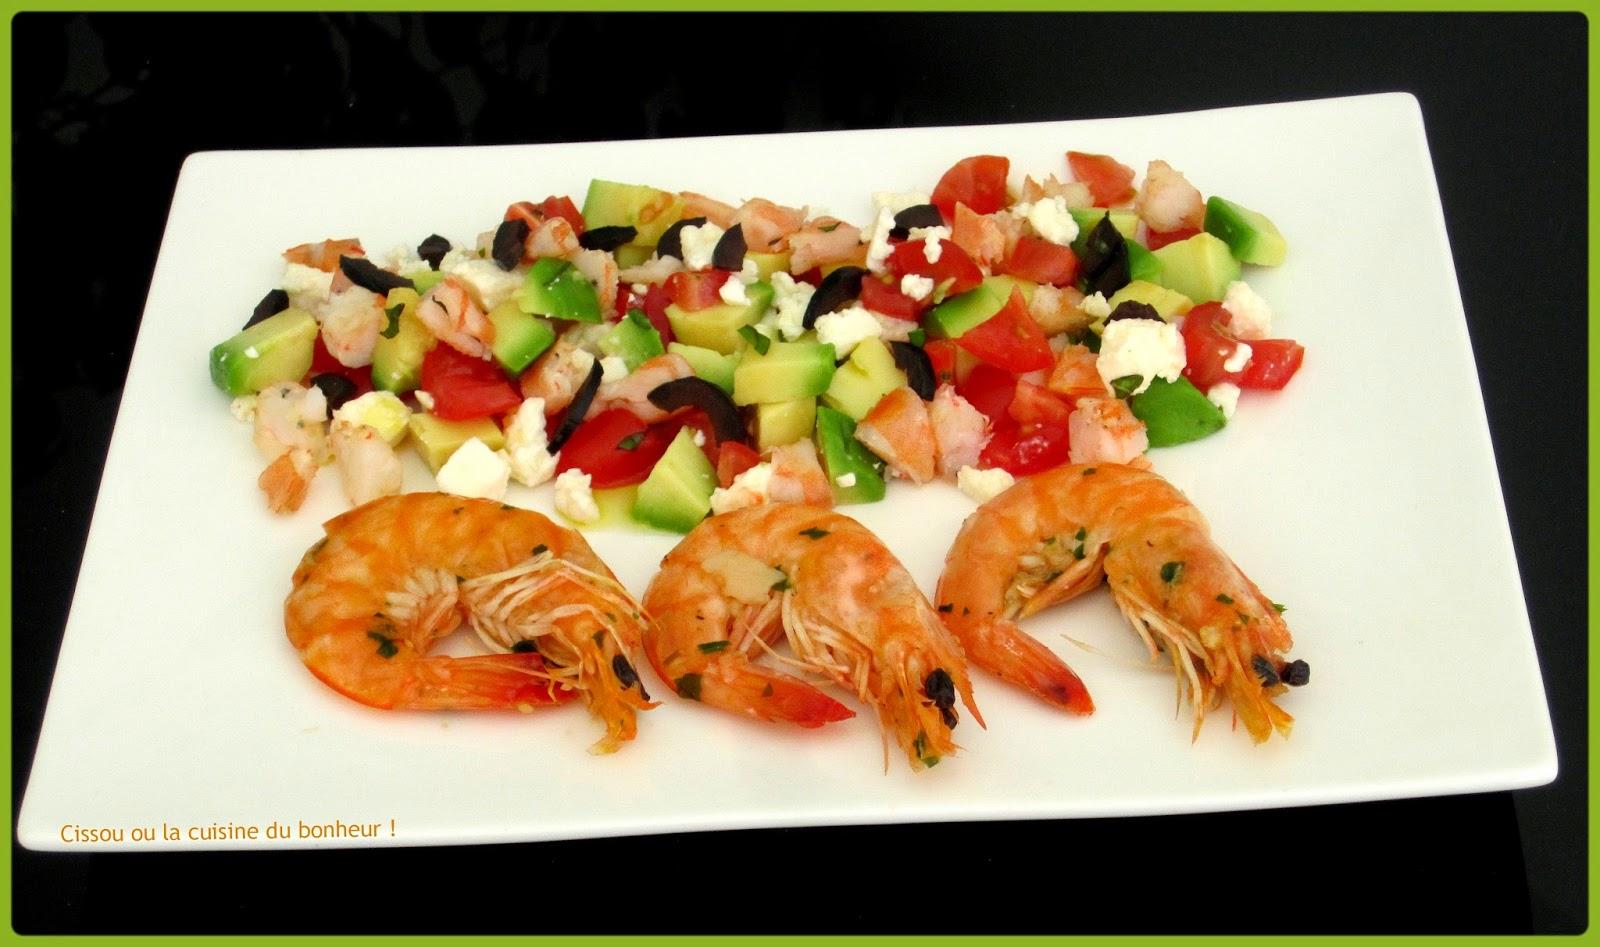 Cissou ou la cuisine du bonheur salade crevettes avocat - La cuisine du bonheur thermomix ...